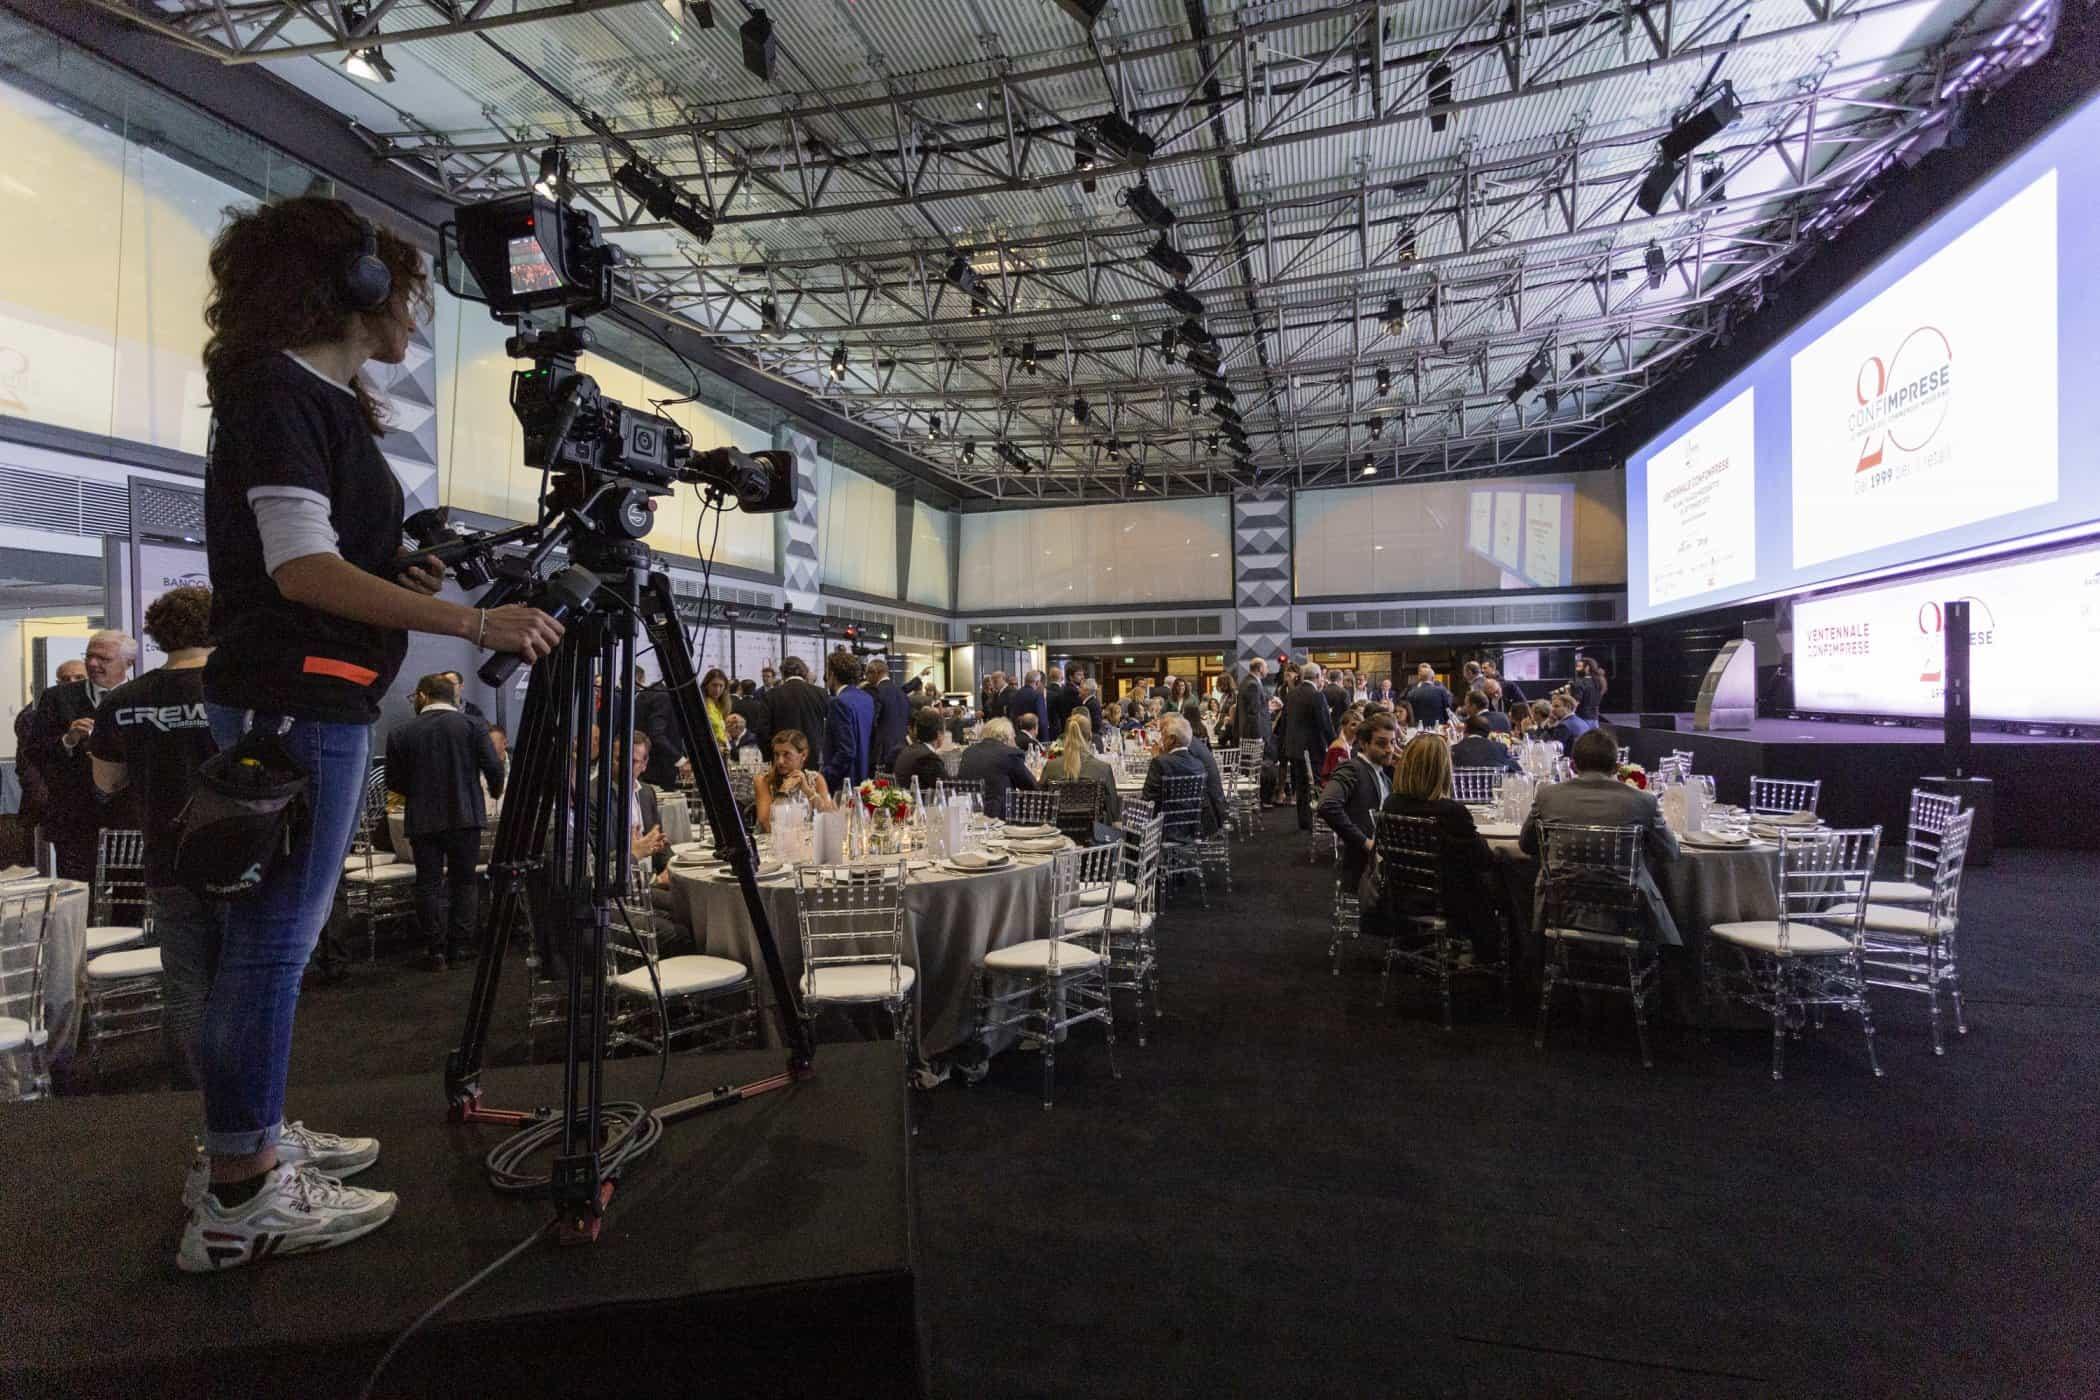 broadcast-service-eventi-comizi-manifestazioni-eventi-aziendali-riunioni-presentazioni (5)